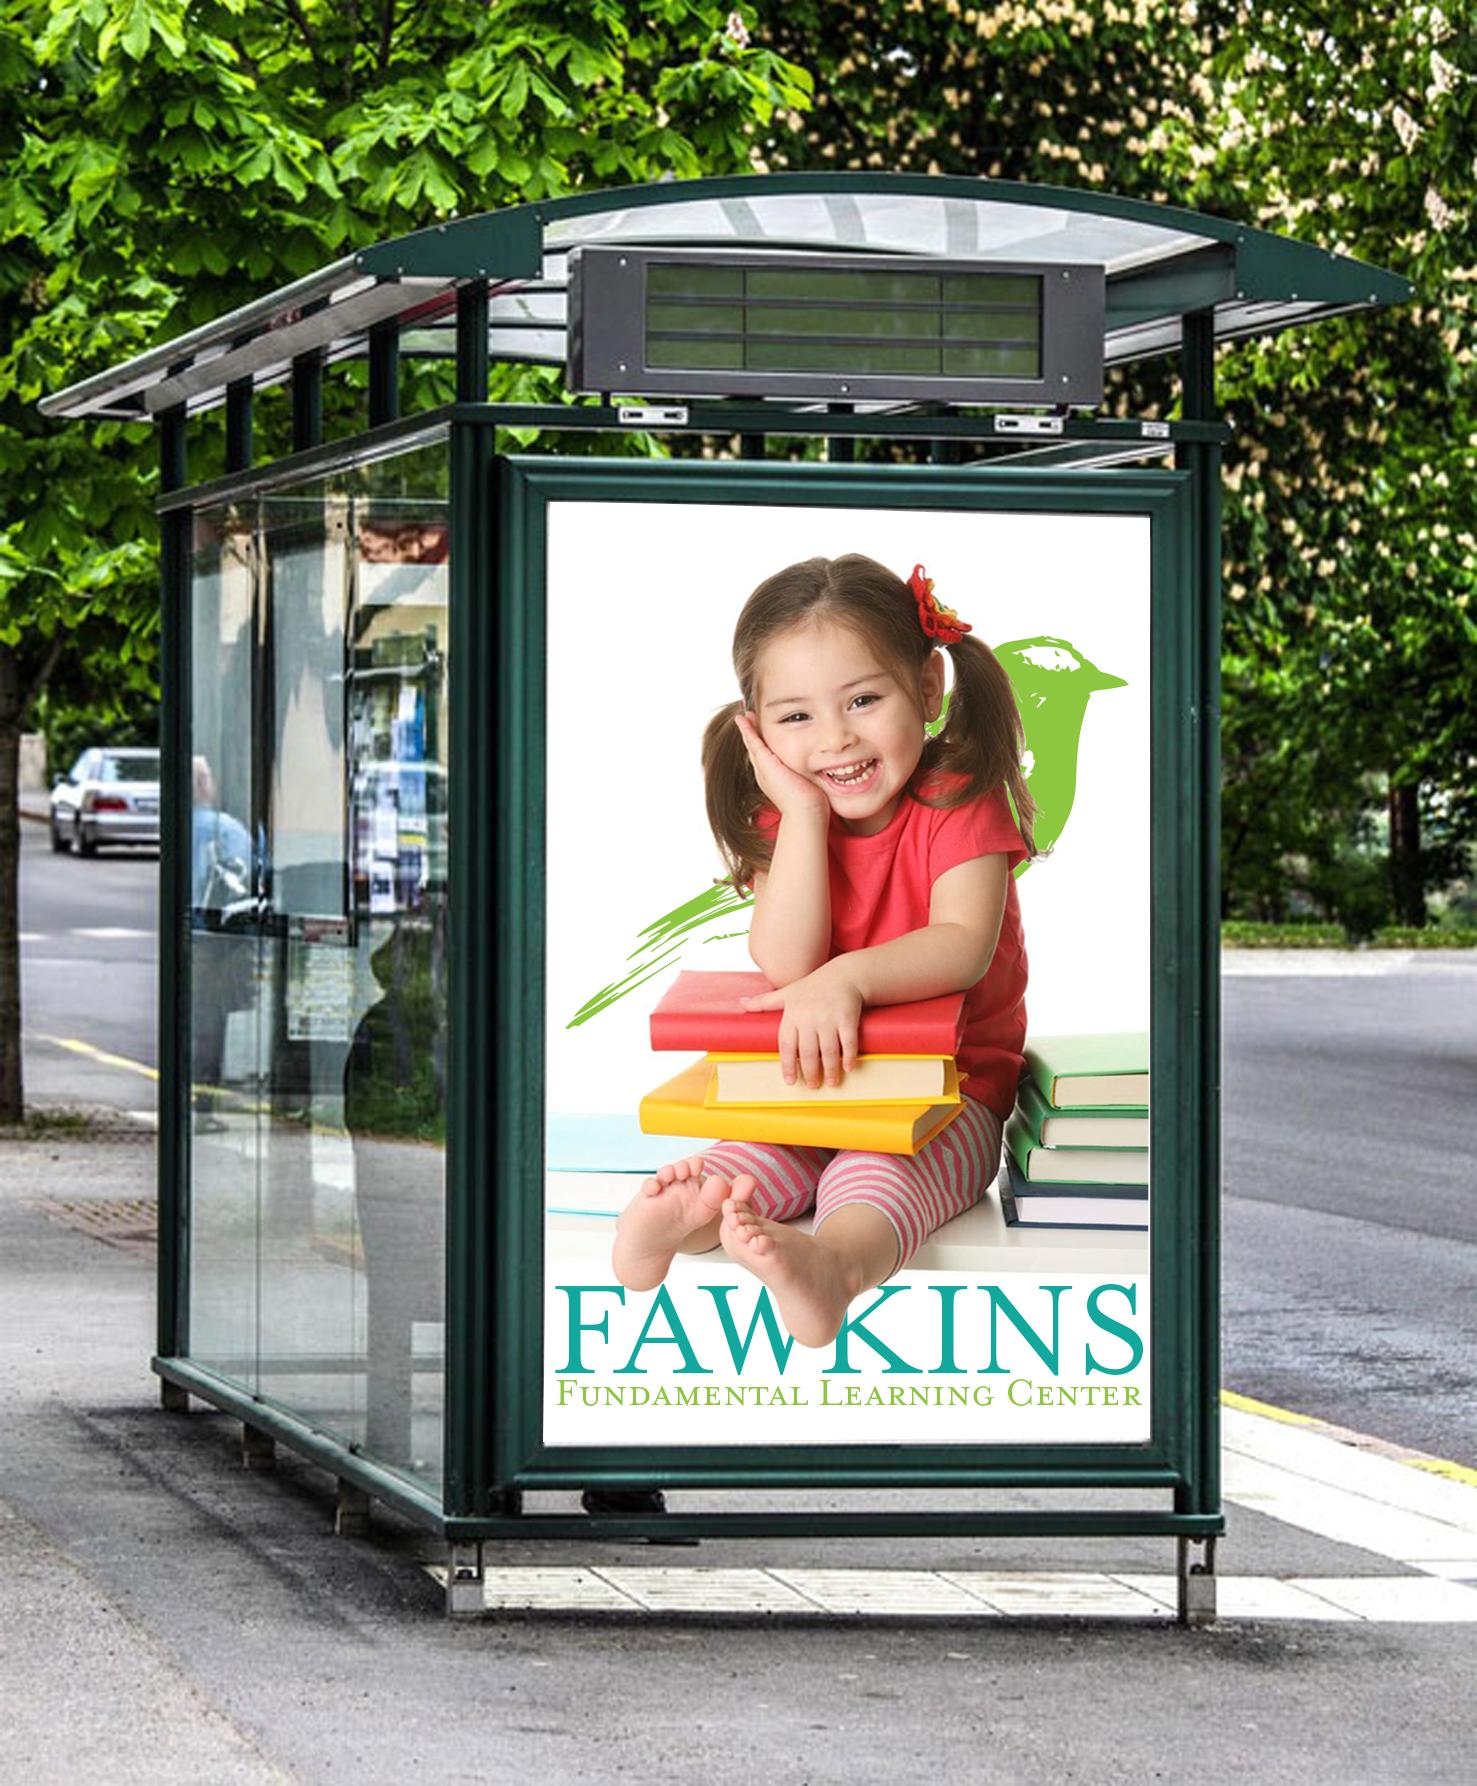 fawkinschildrenadvertisementbusstop